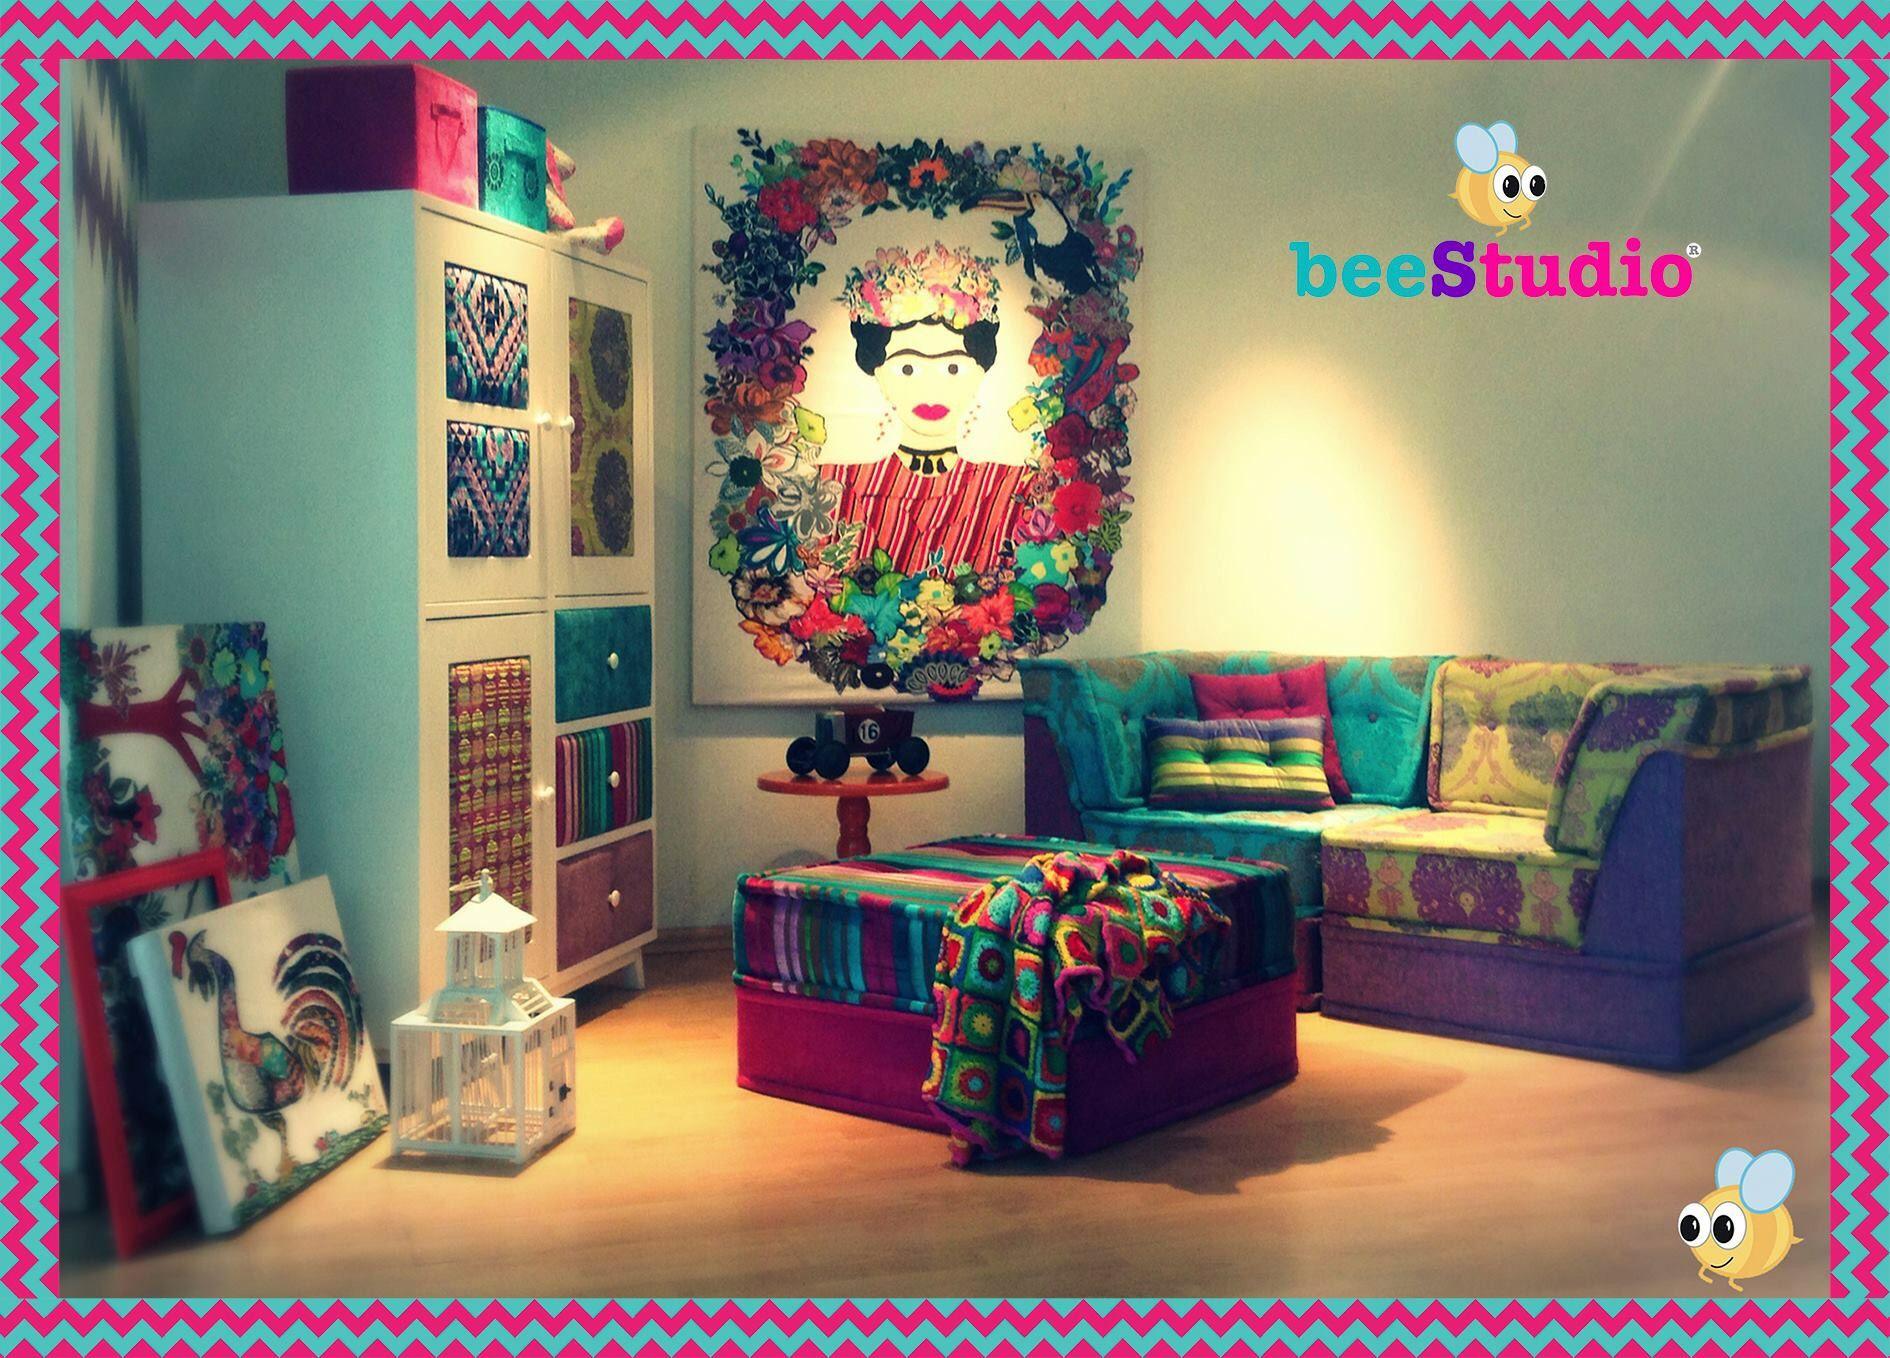 Www Beestudio Com Mx Proyectos Beestudio Pinterest # Beestudio Muebles